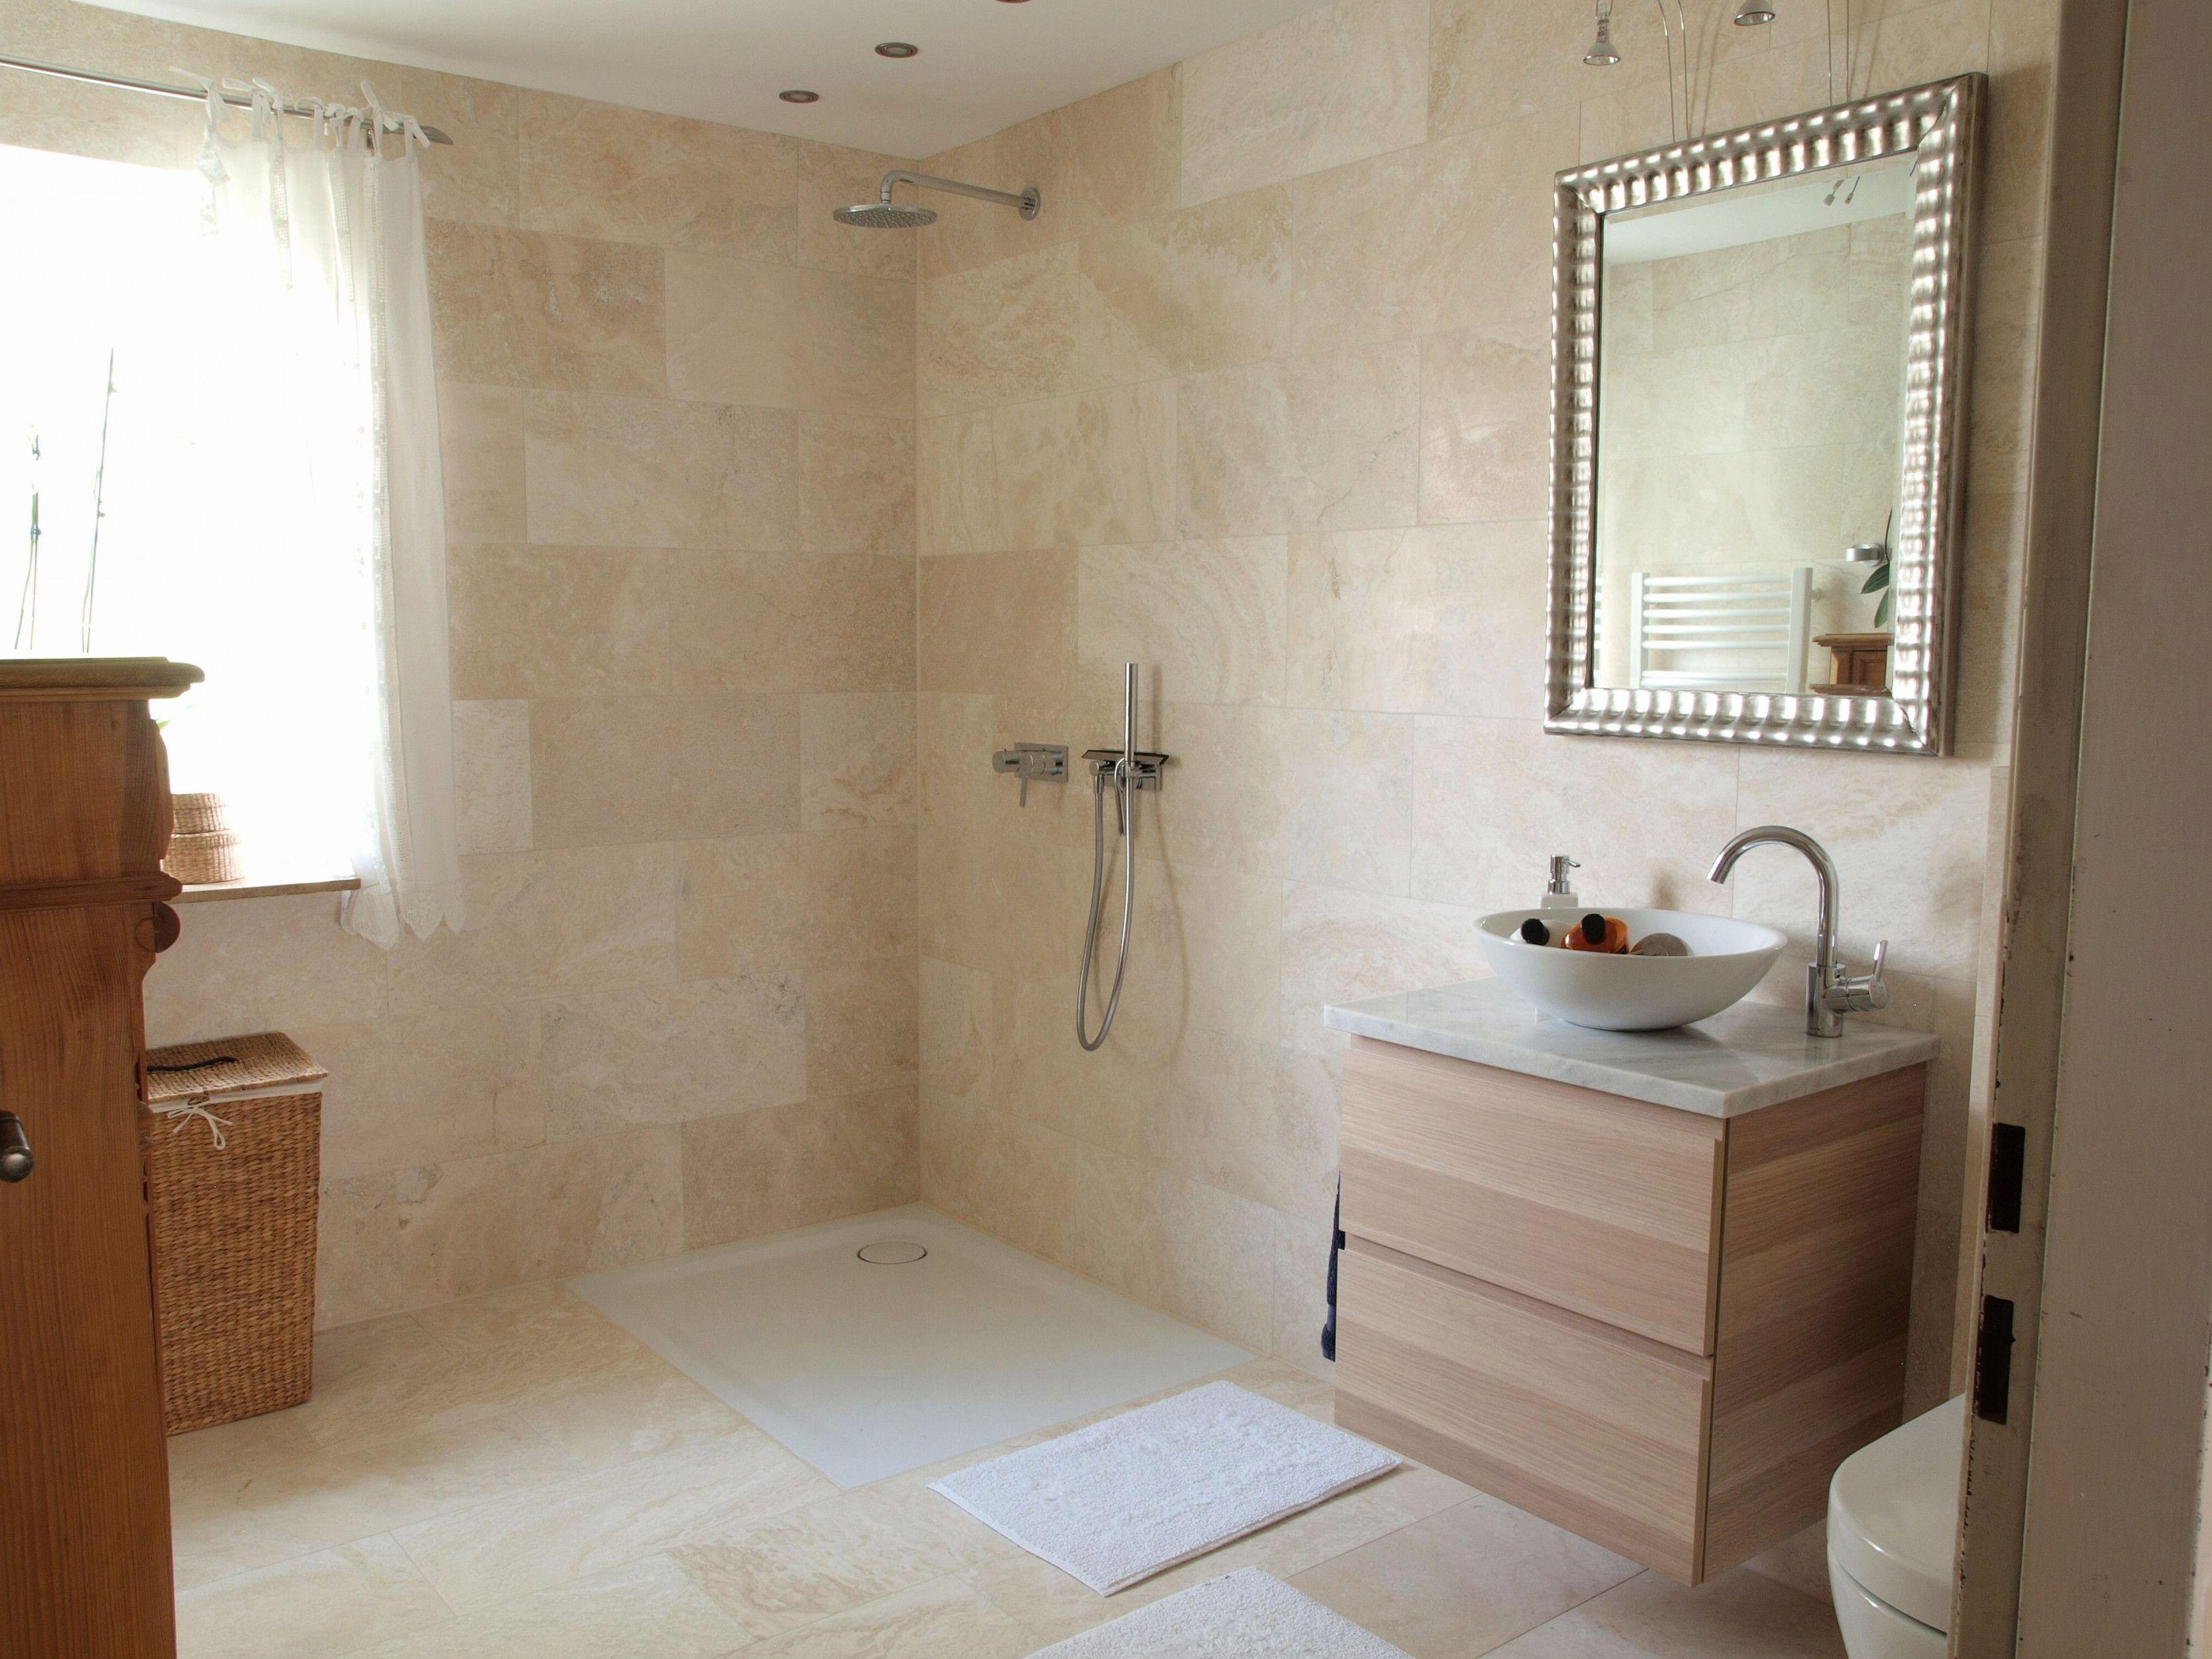 Kleines Badezimmer Fliesen Ideen Badezimmer Fliesen Badezimmer